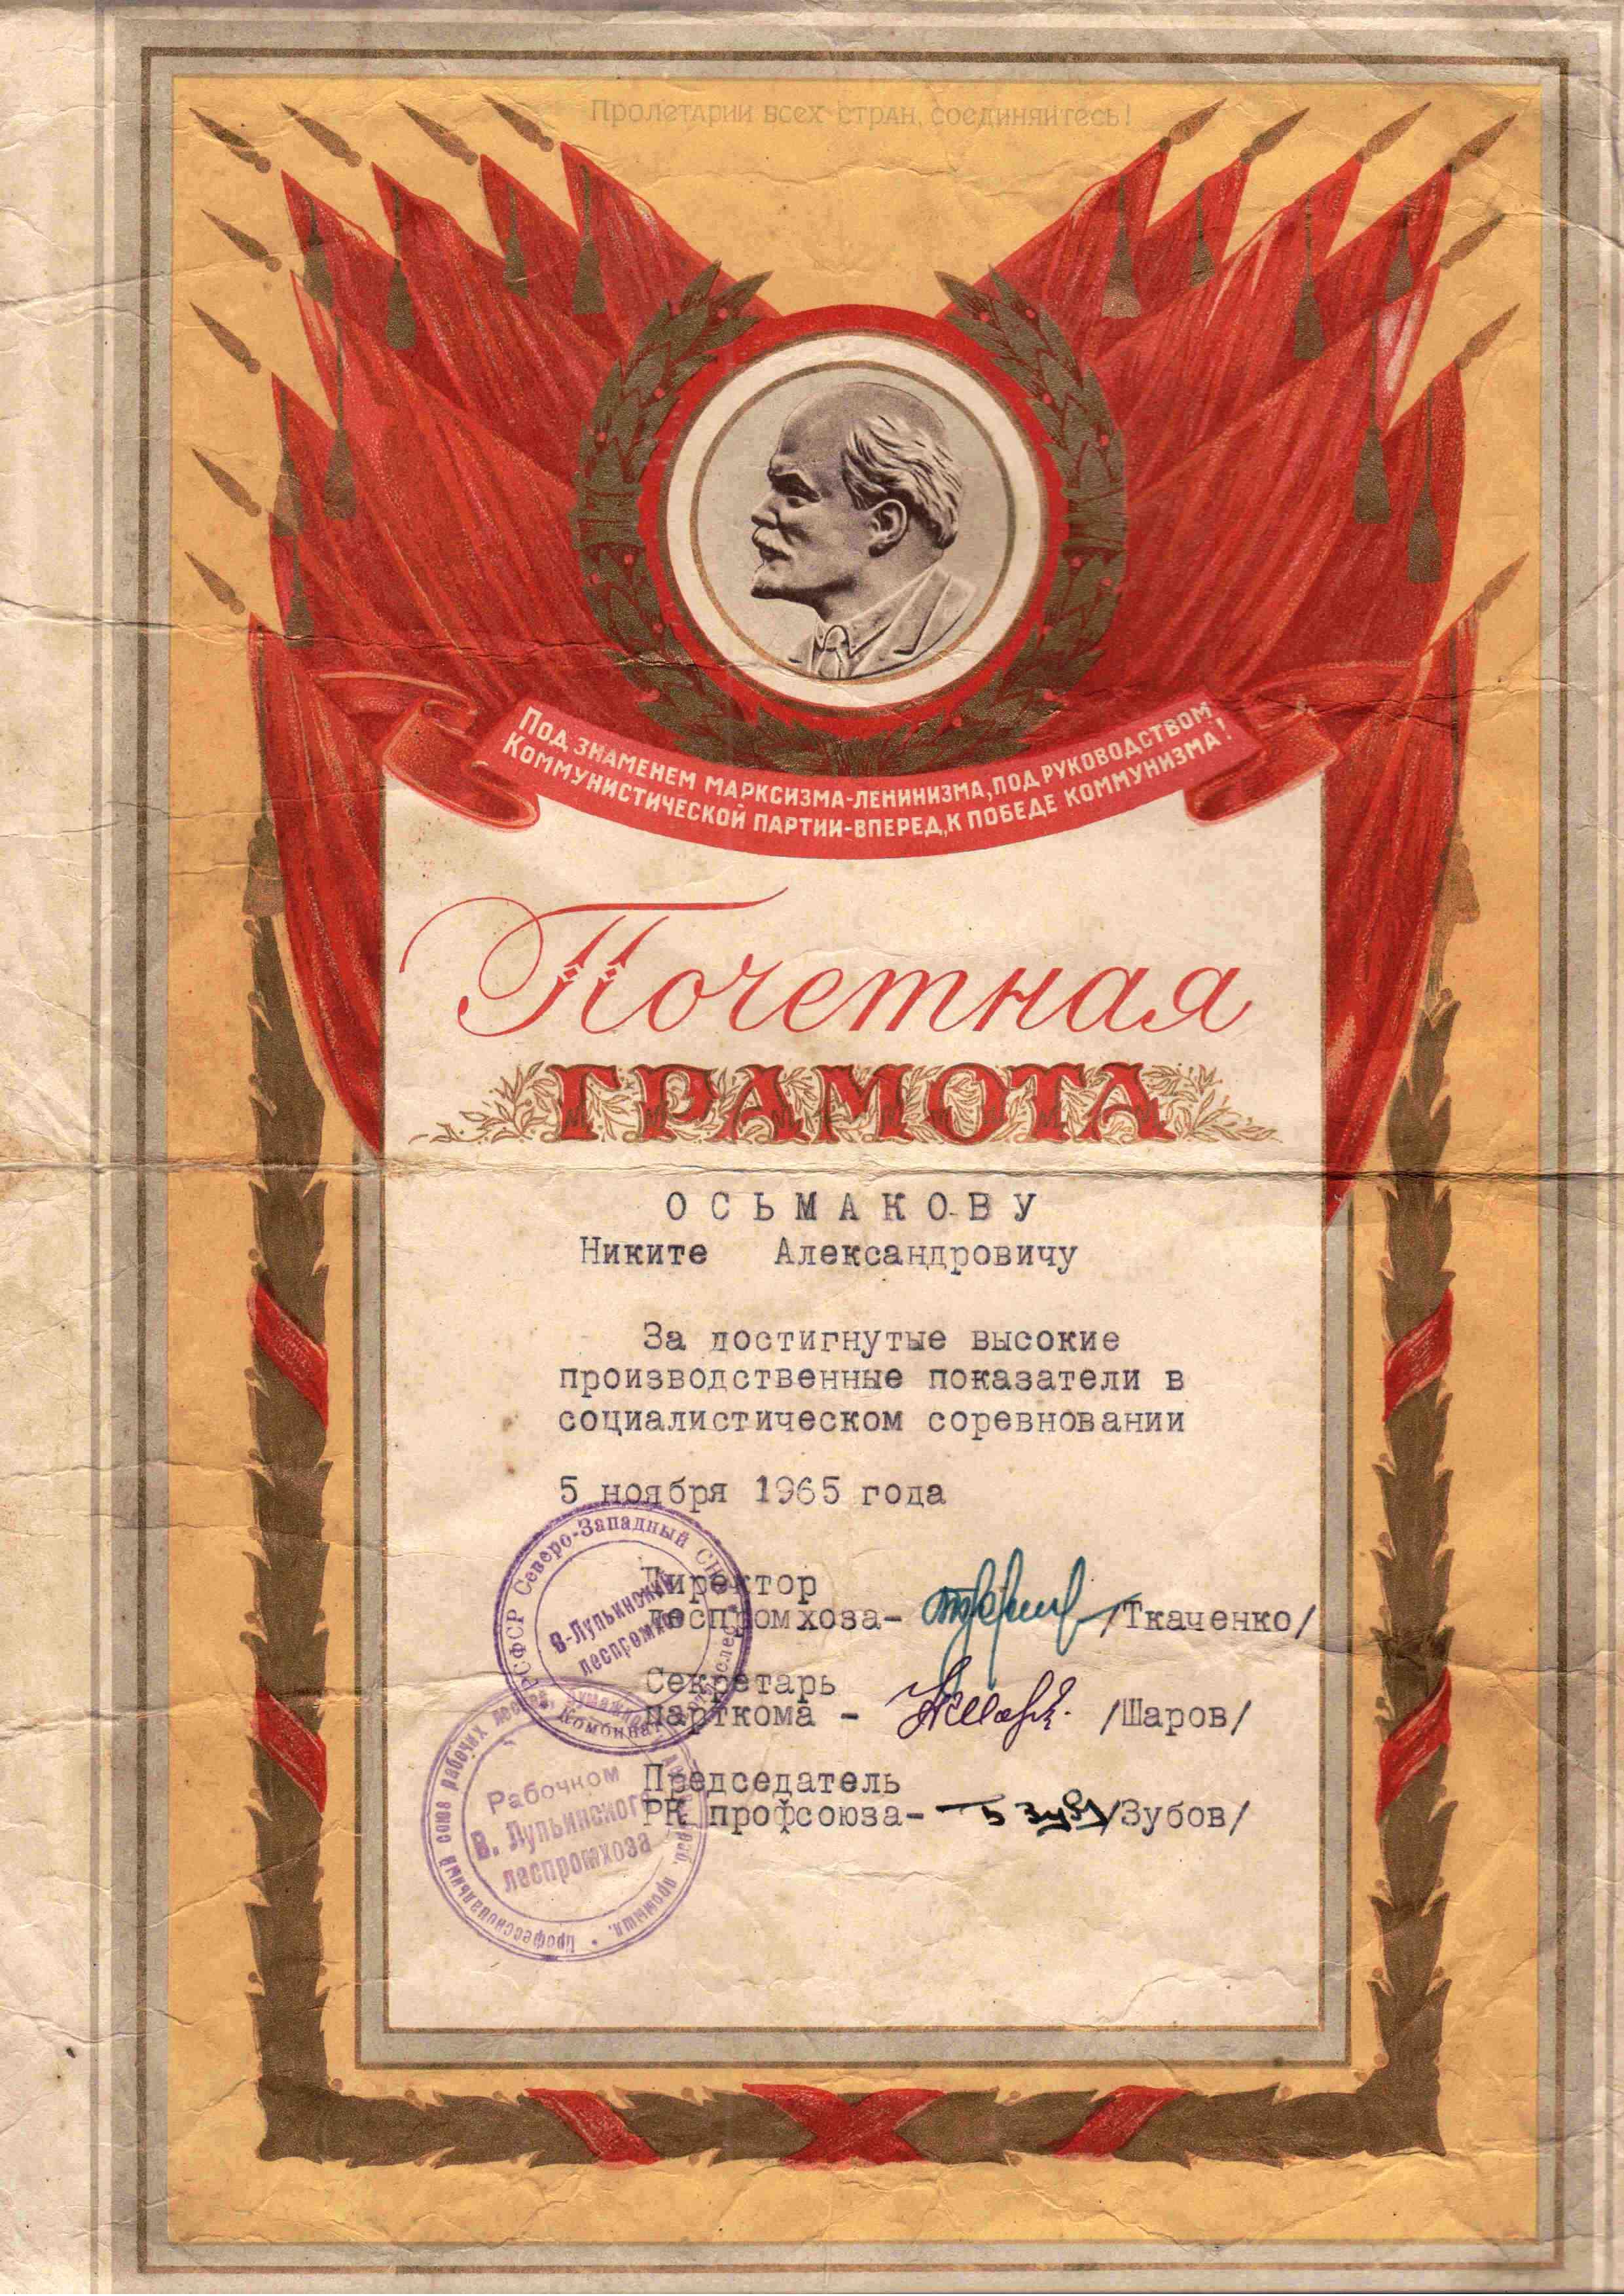 36. Почетная грамота, 1965 г.